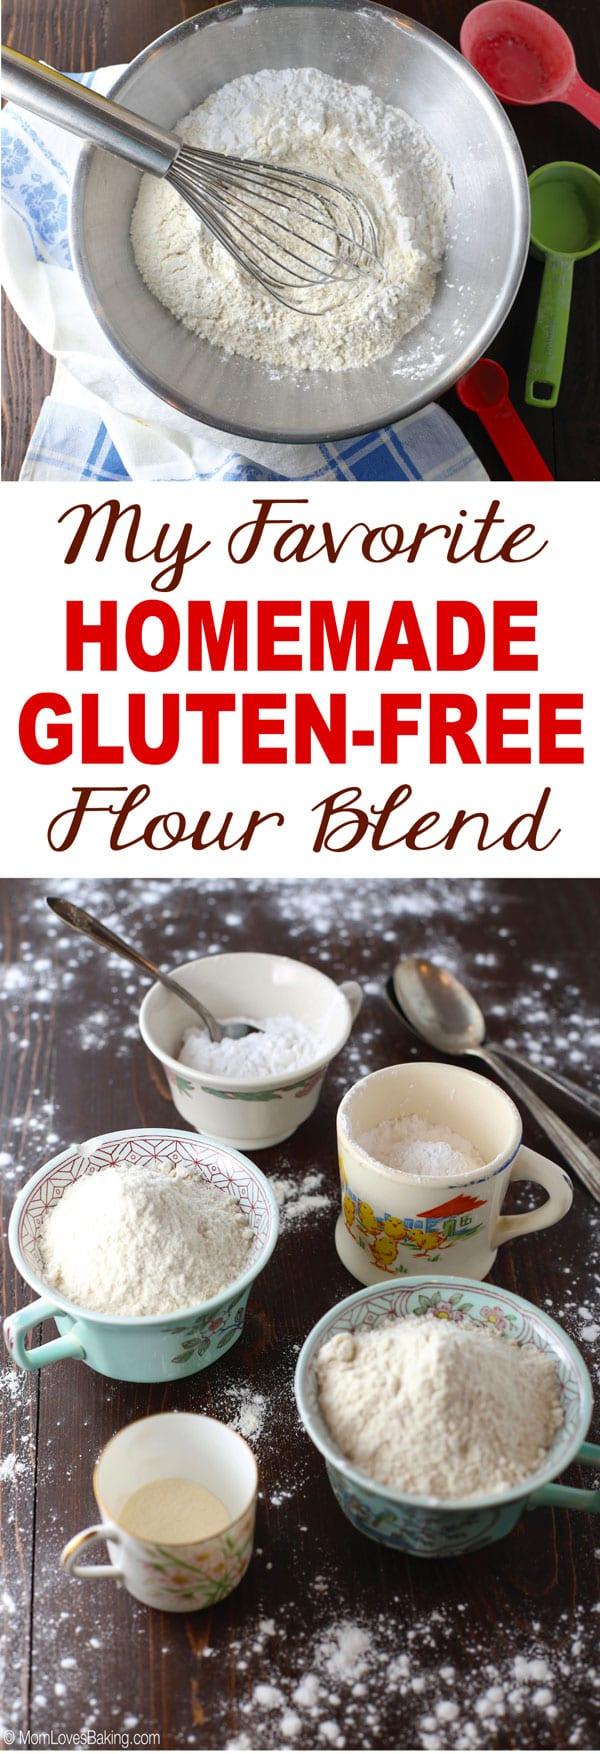 My favorite homemade gluten free flour blend